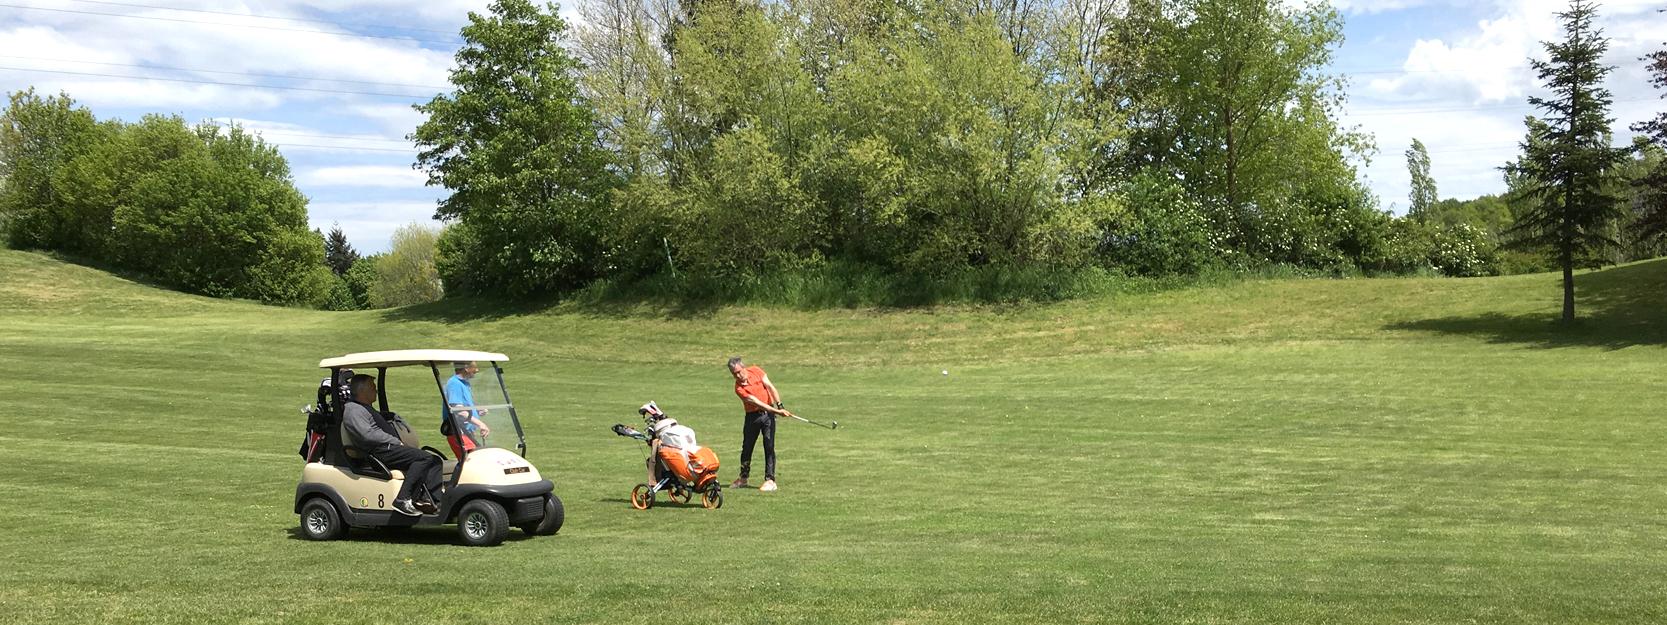 tournoi golf 06